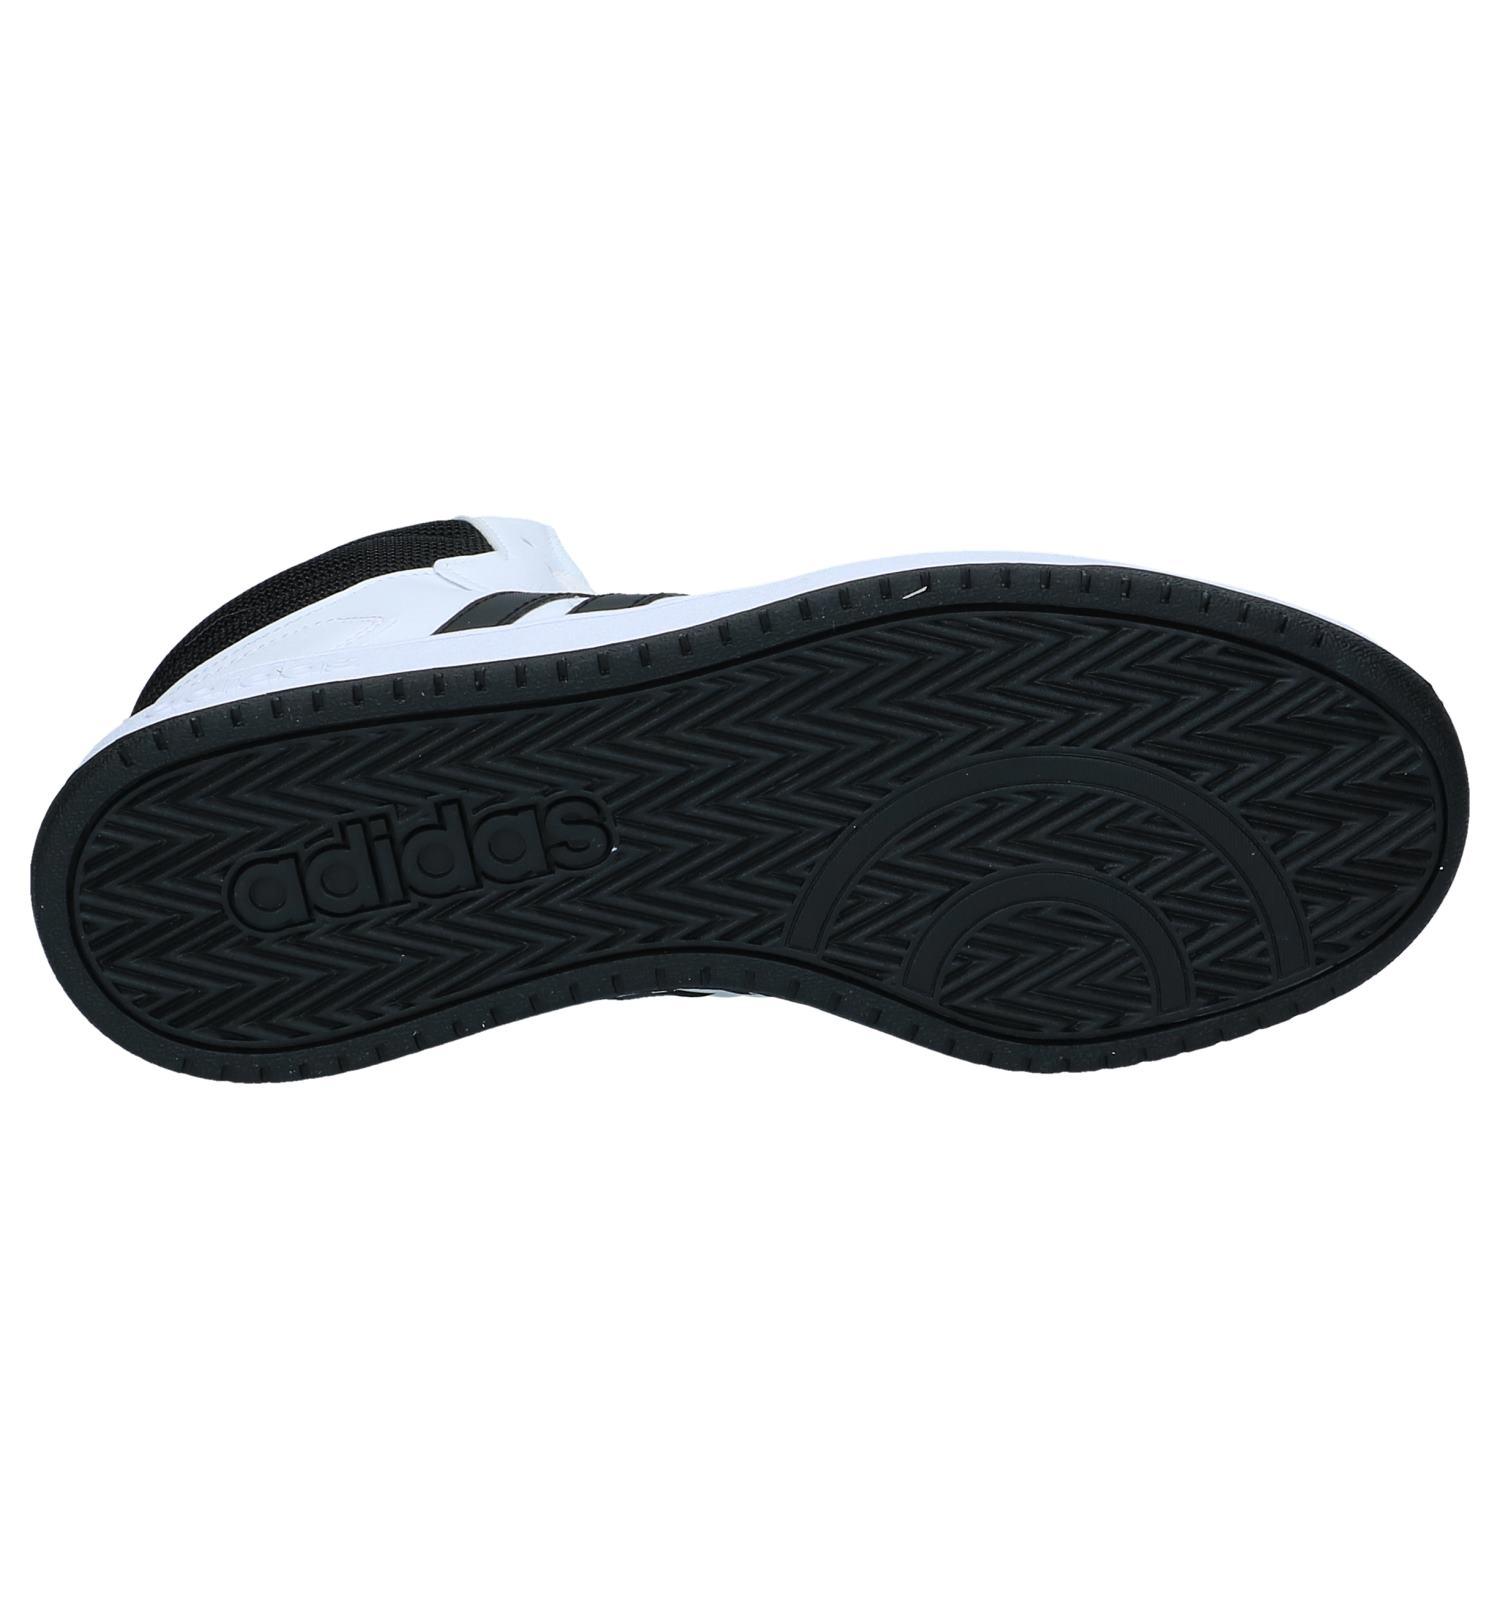 Adidas Witte Hoge 0 Sneakers 2 Hoops QrBtdxhsC